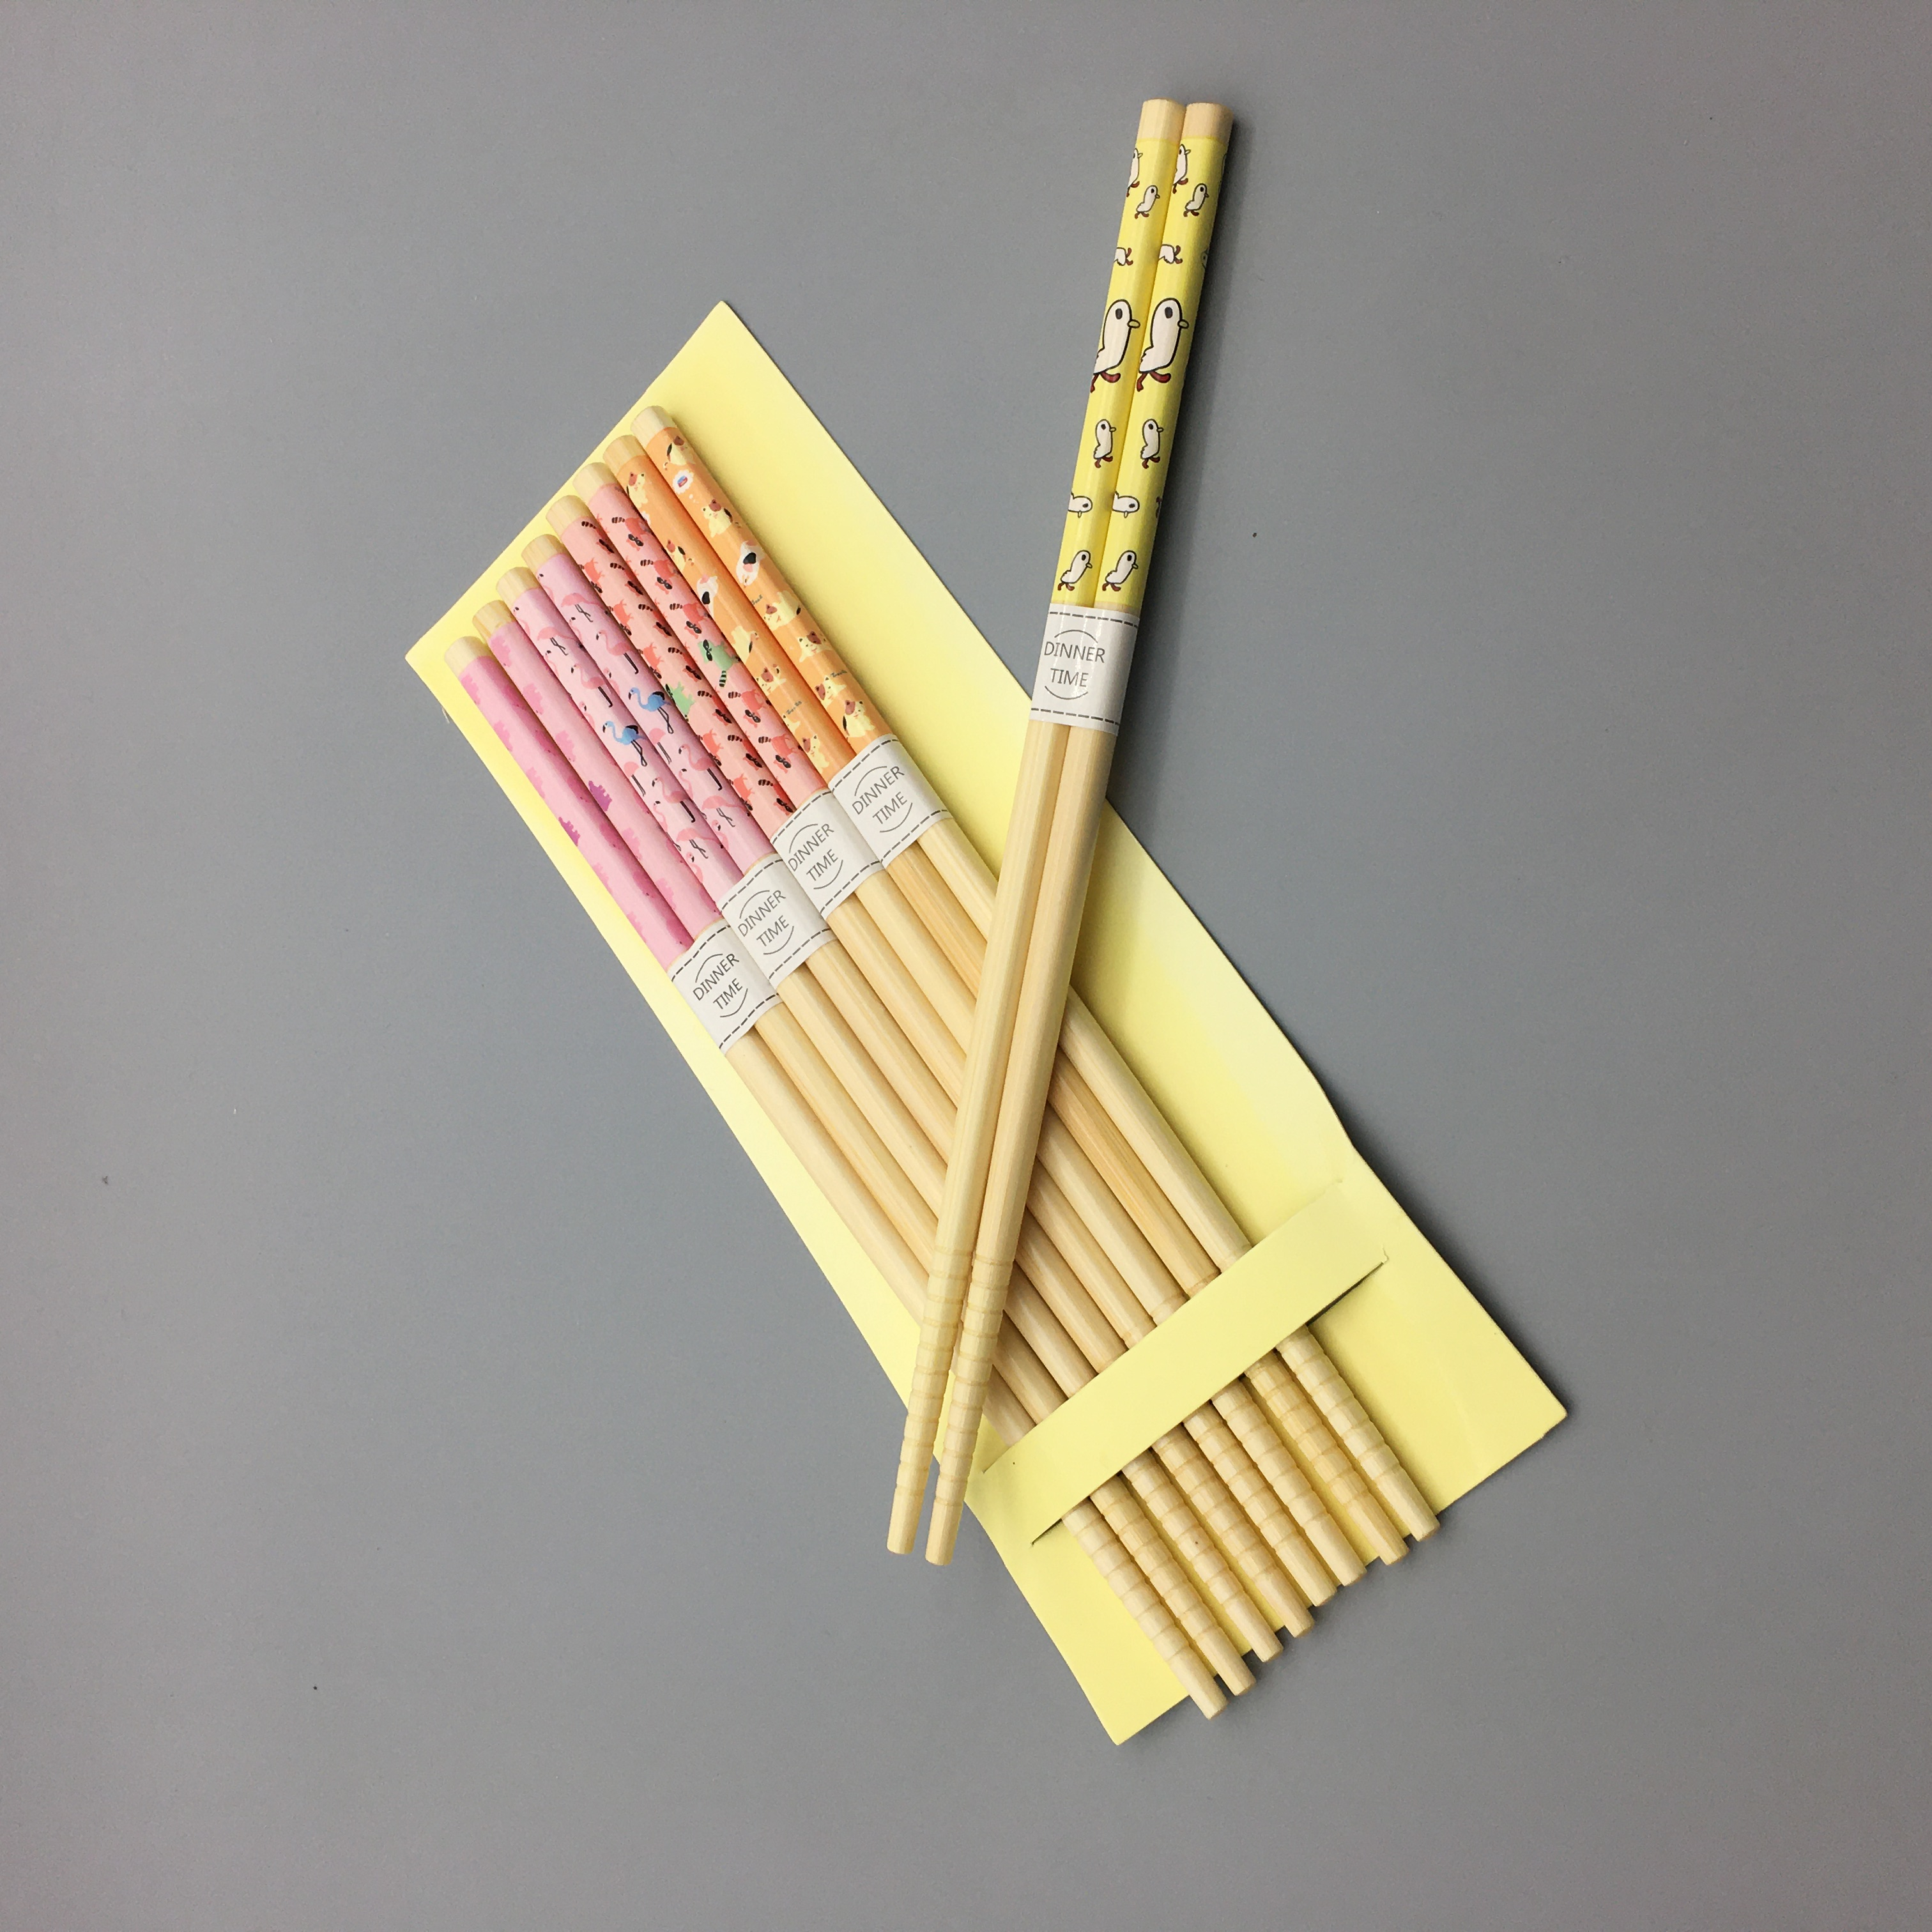 Factory Price wedding Gift Wooden Chopsticks Japanese Bamboo Chopsticks